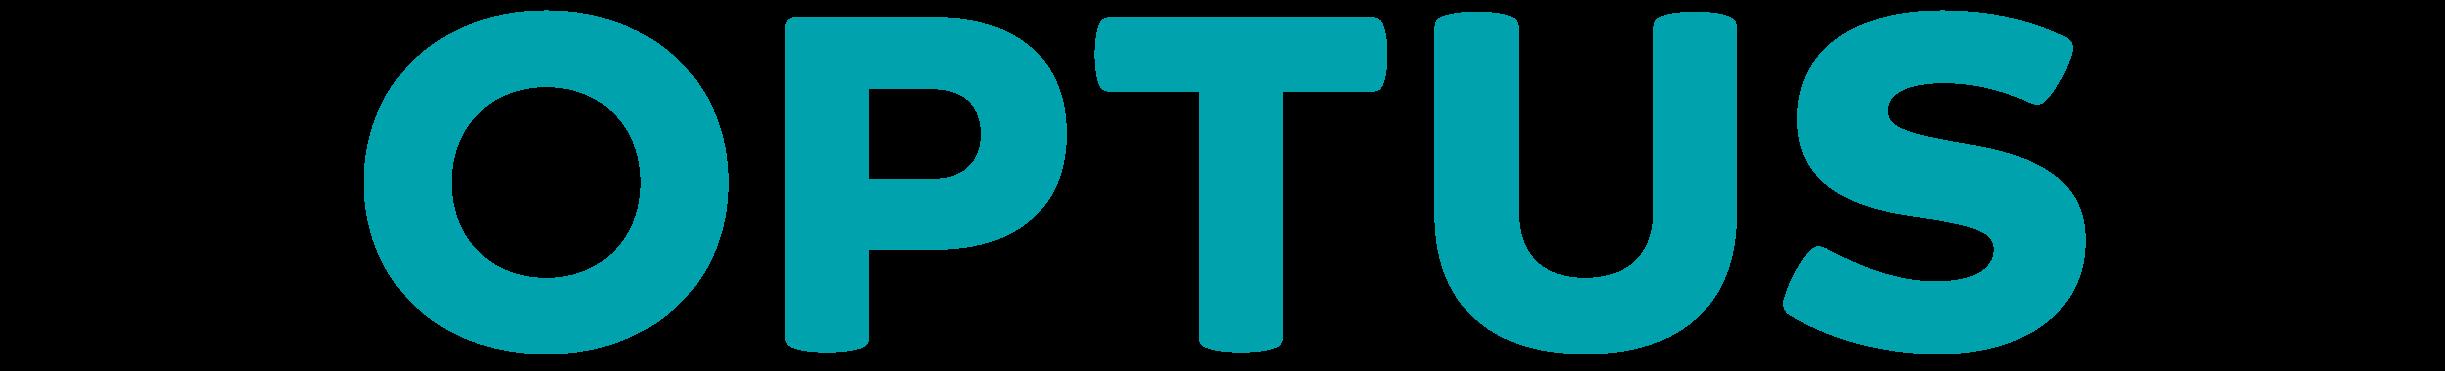 Optus Australian Open Sponsor Partner